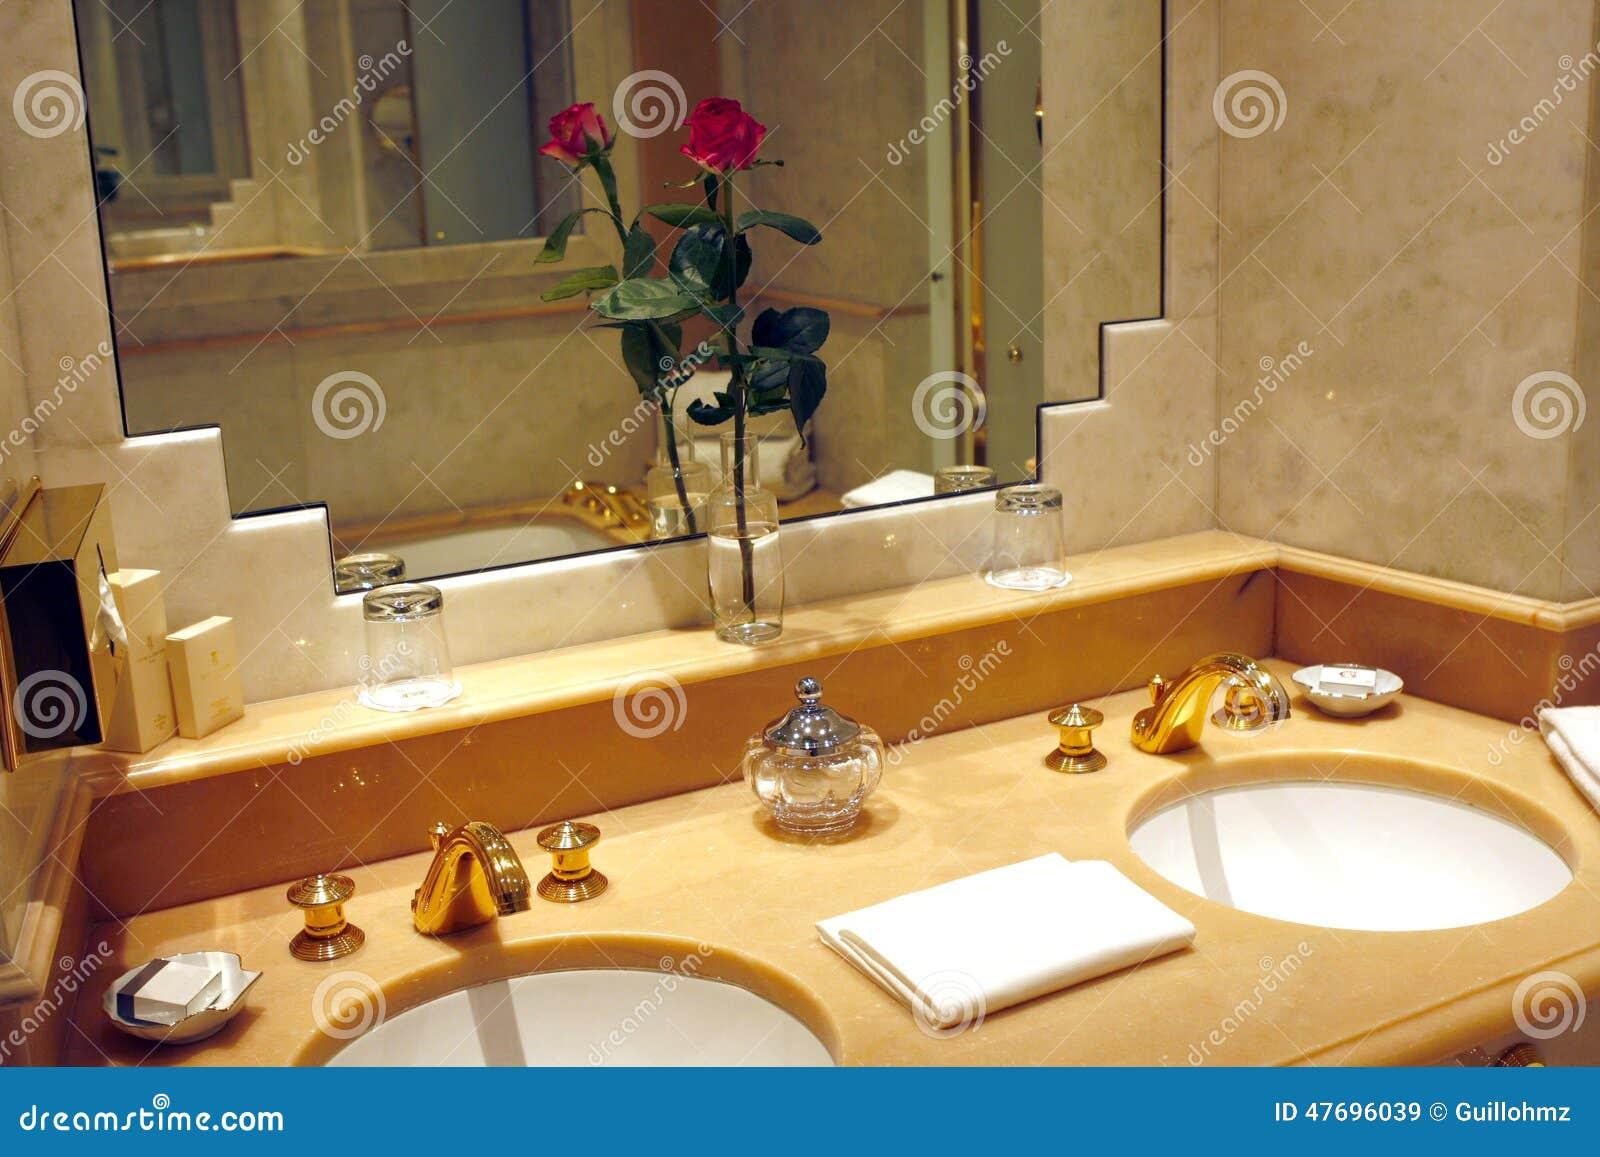 Paris salle de bains d 39 h tel de palais photo stock for Hotel des bains paris 14